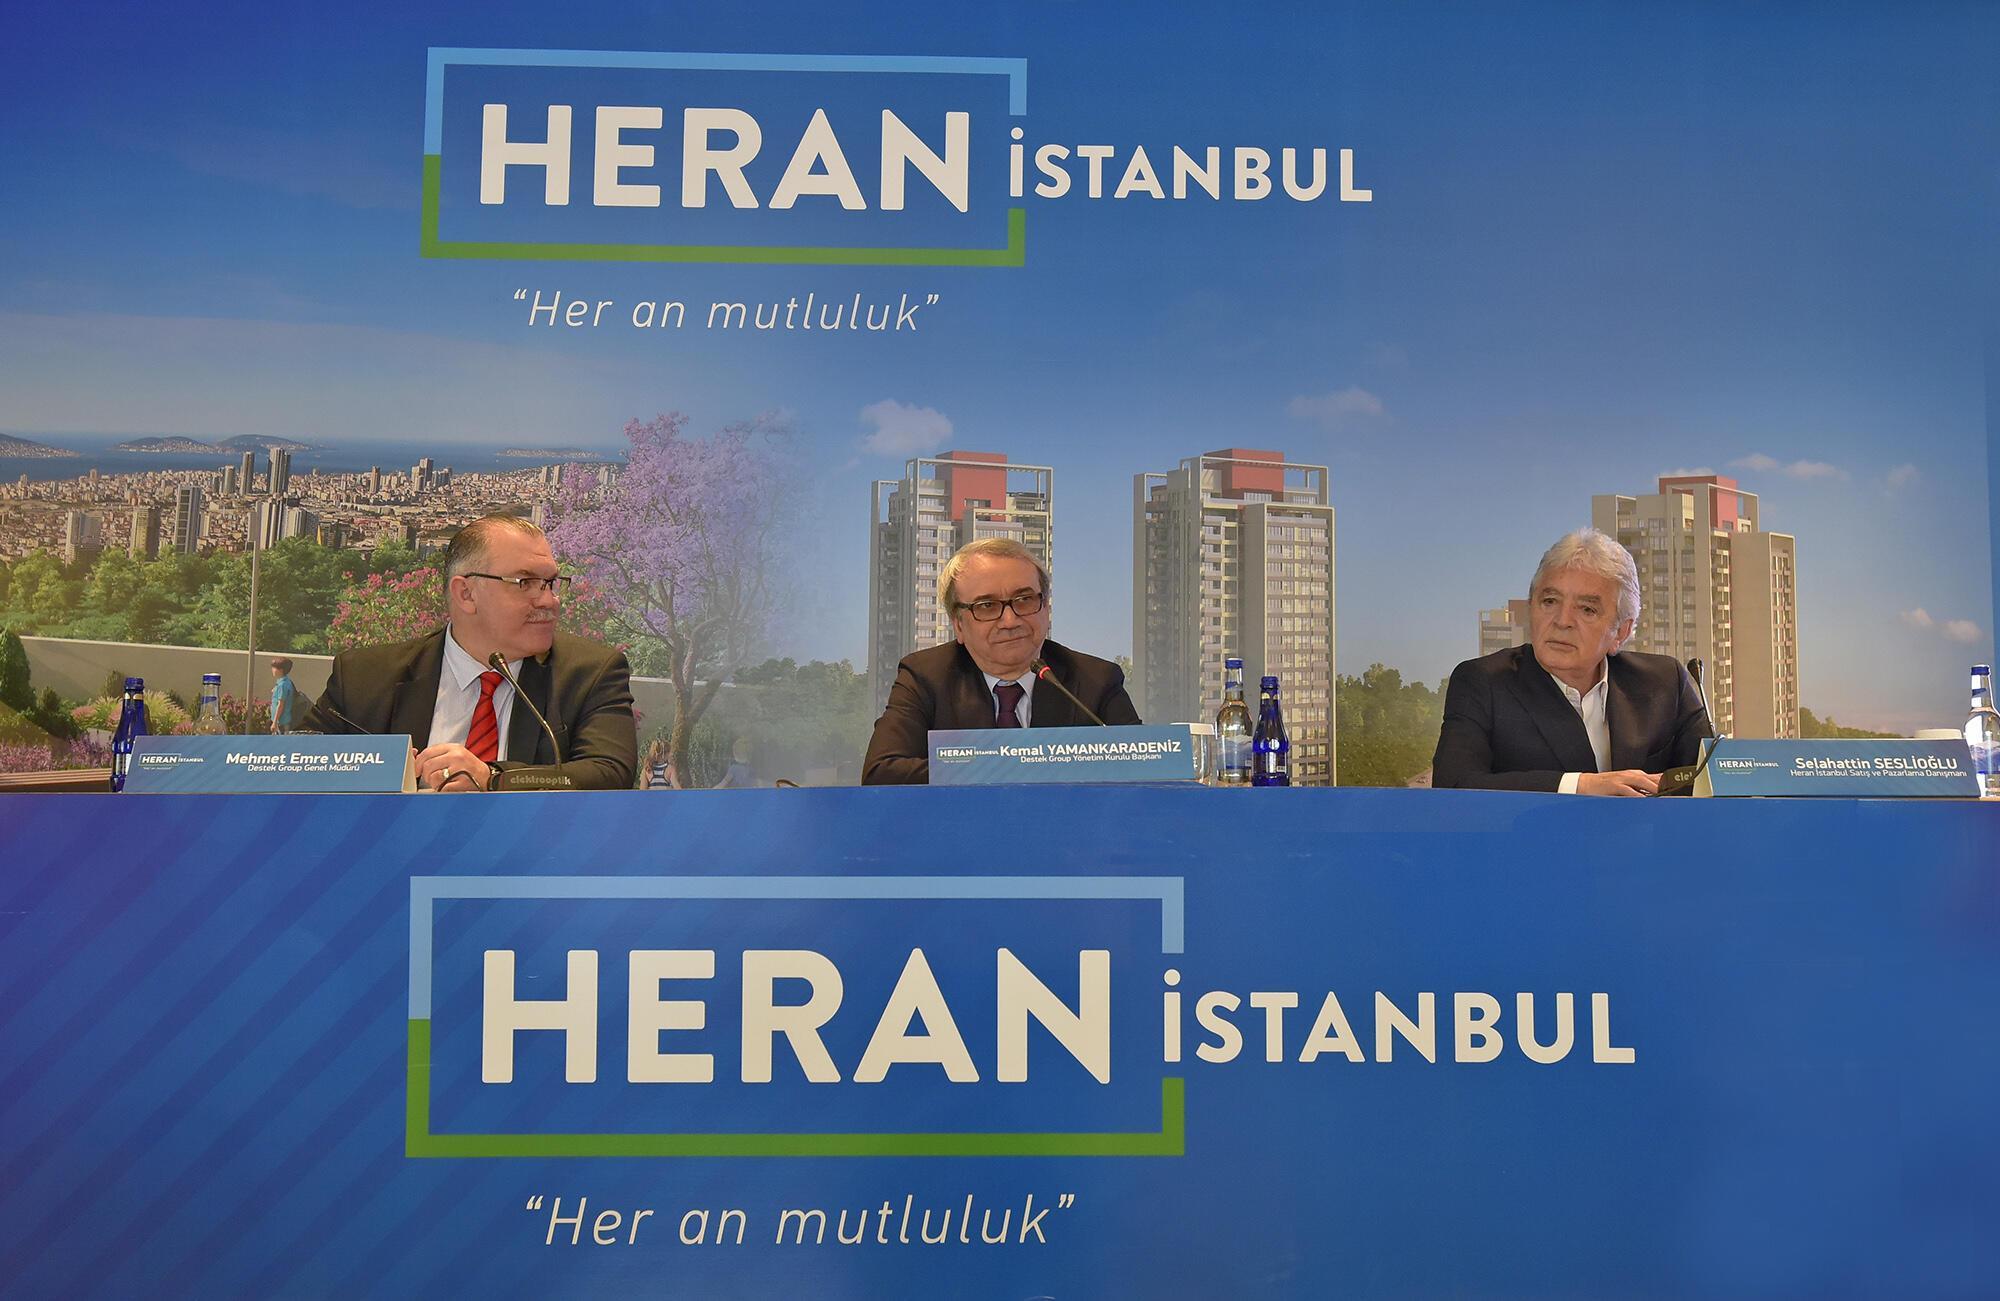 """Pencereleri Deniz Ve Adalara Açılan """"Heran İstanbul"""" Lanse Edildi"""